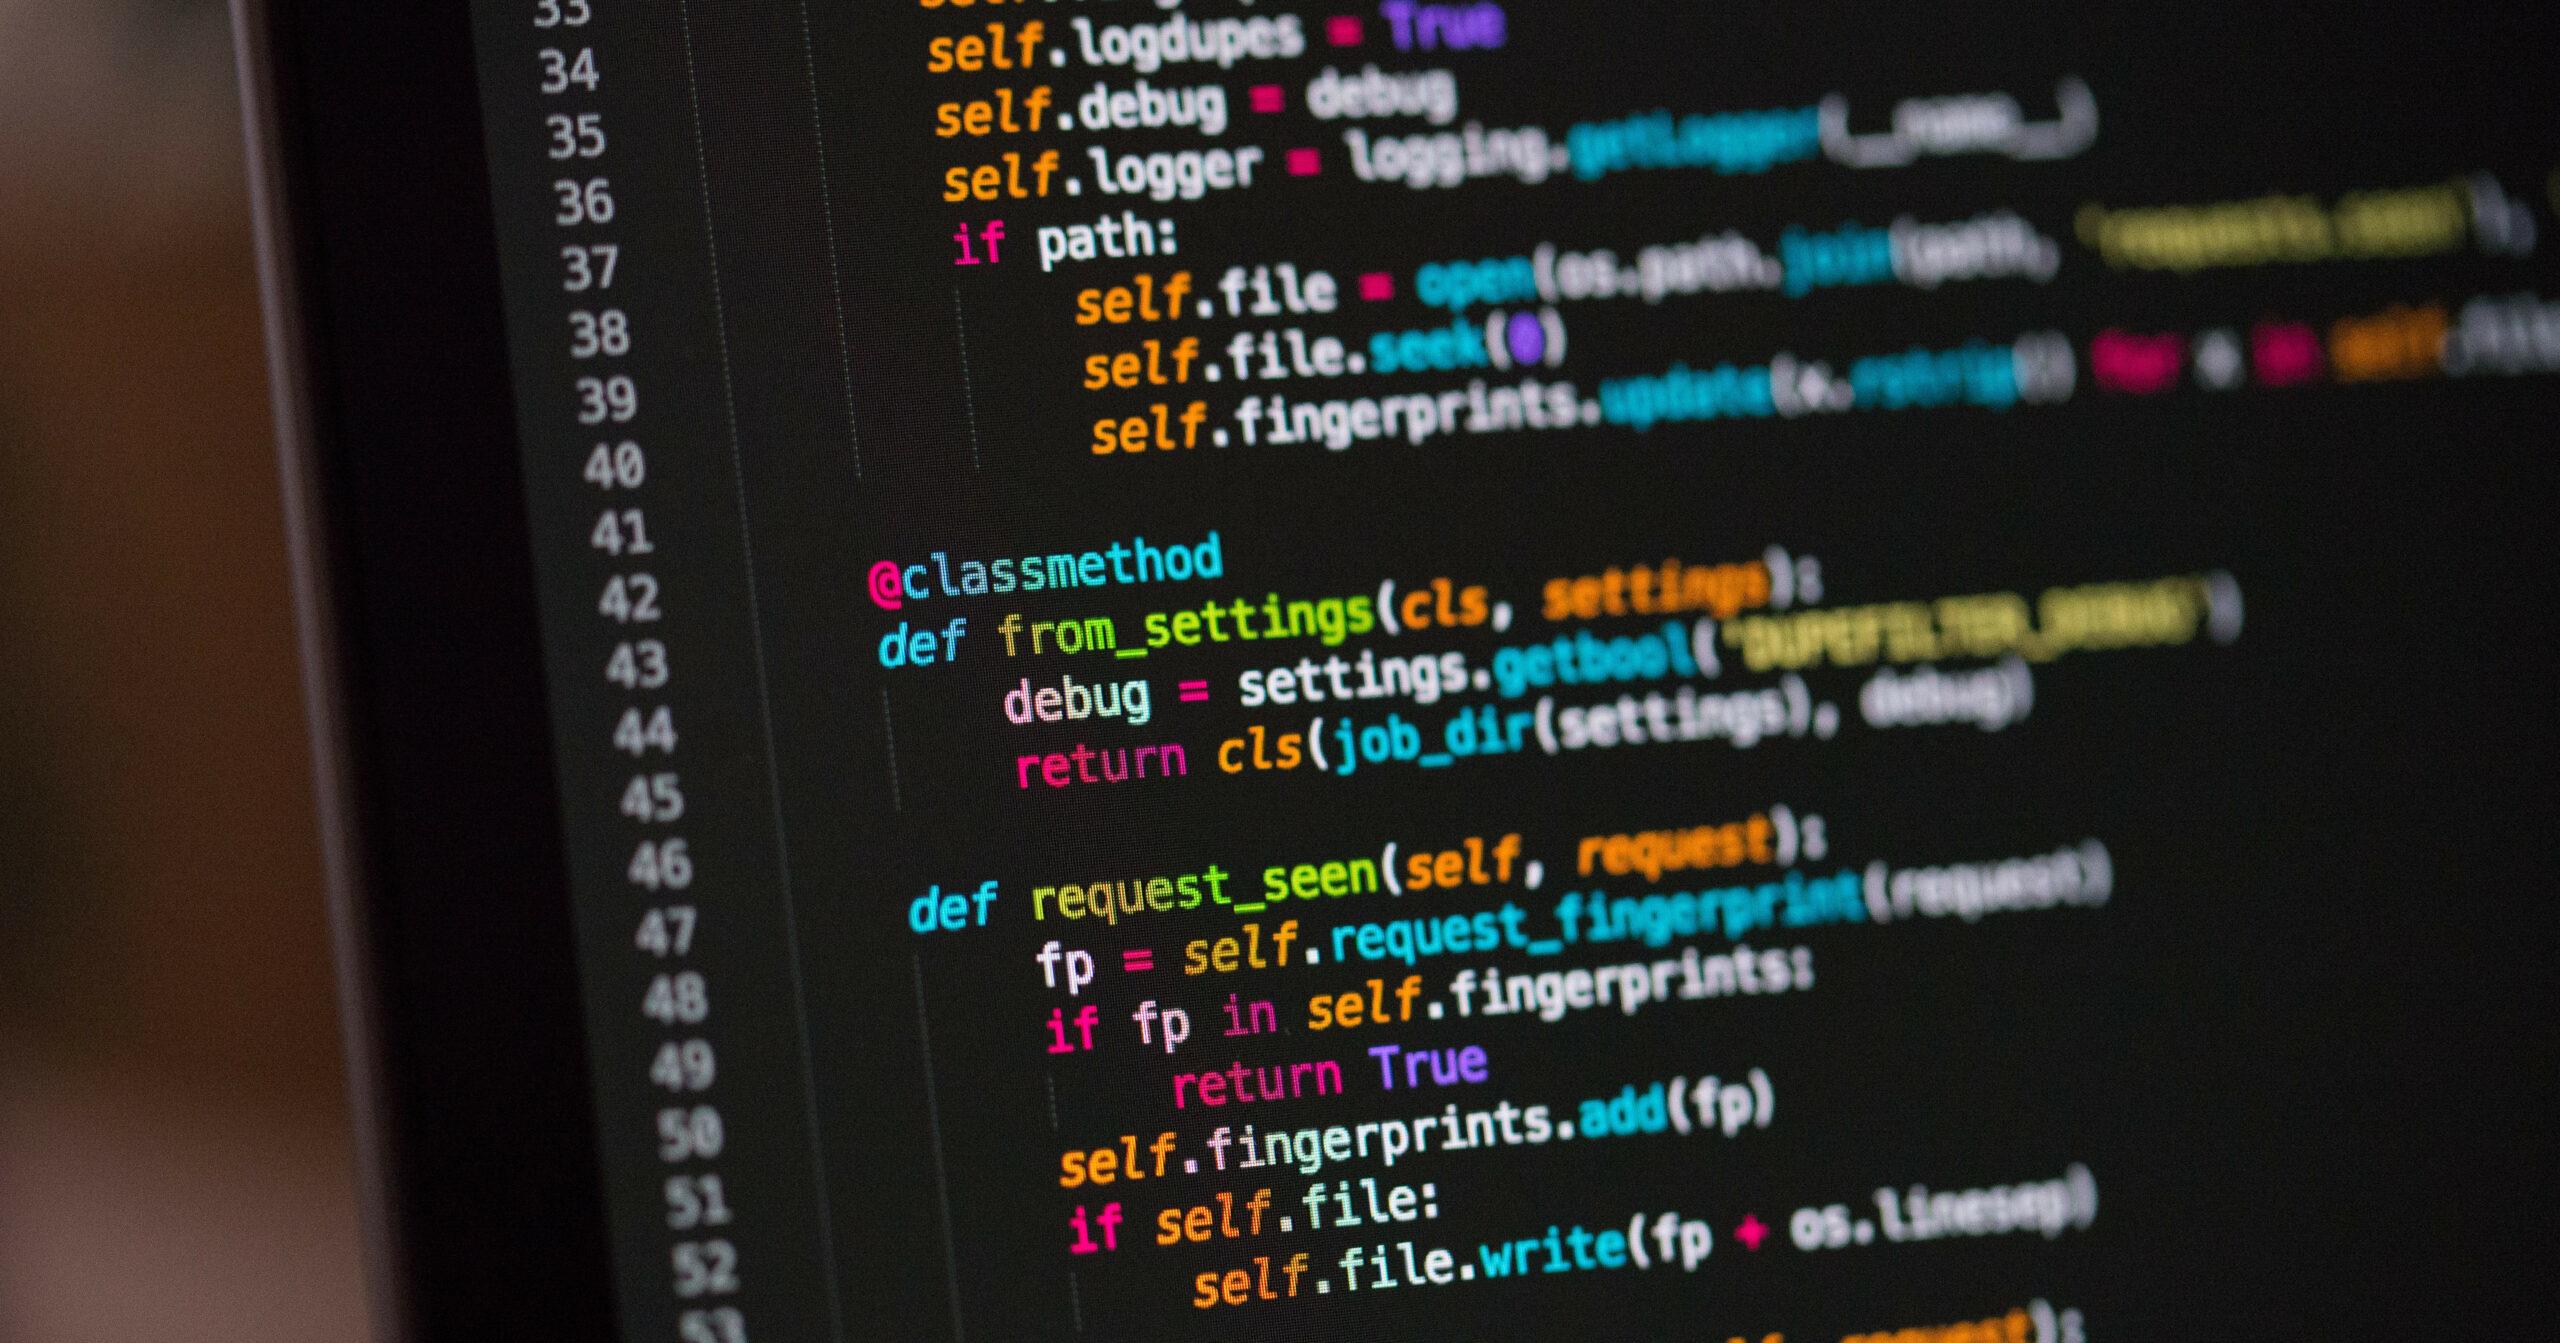 Ressources outils informations technique numérique informatique maison des lanceurs d'alerte